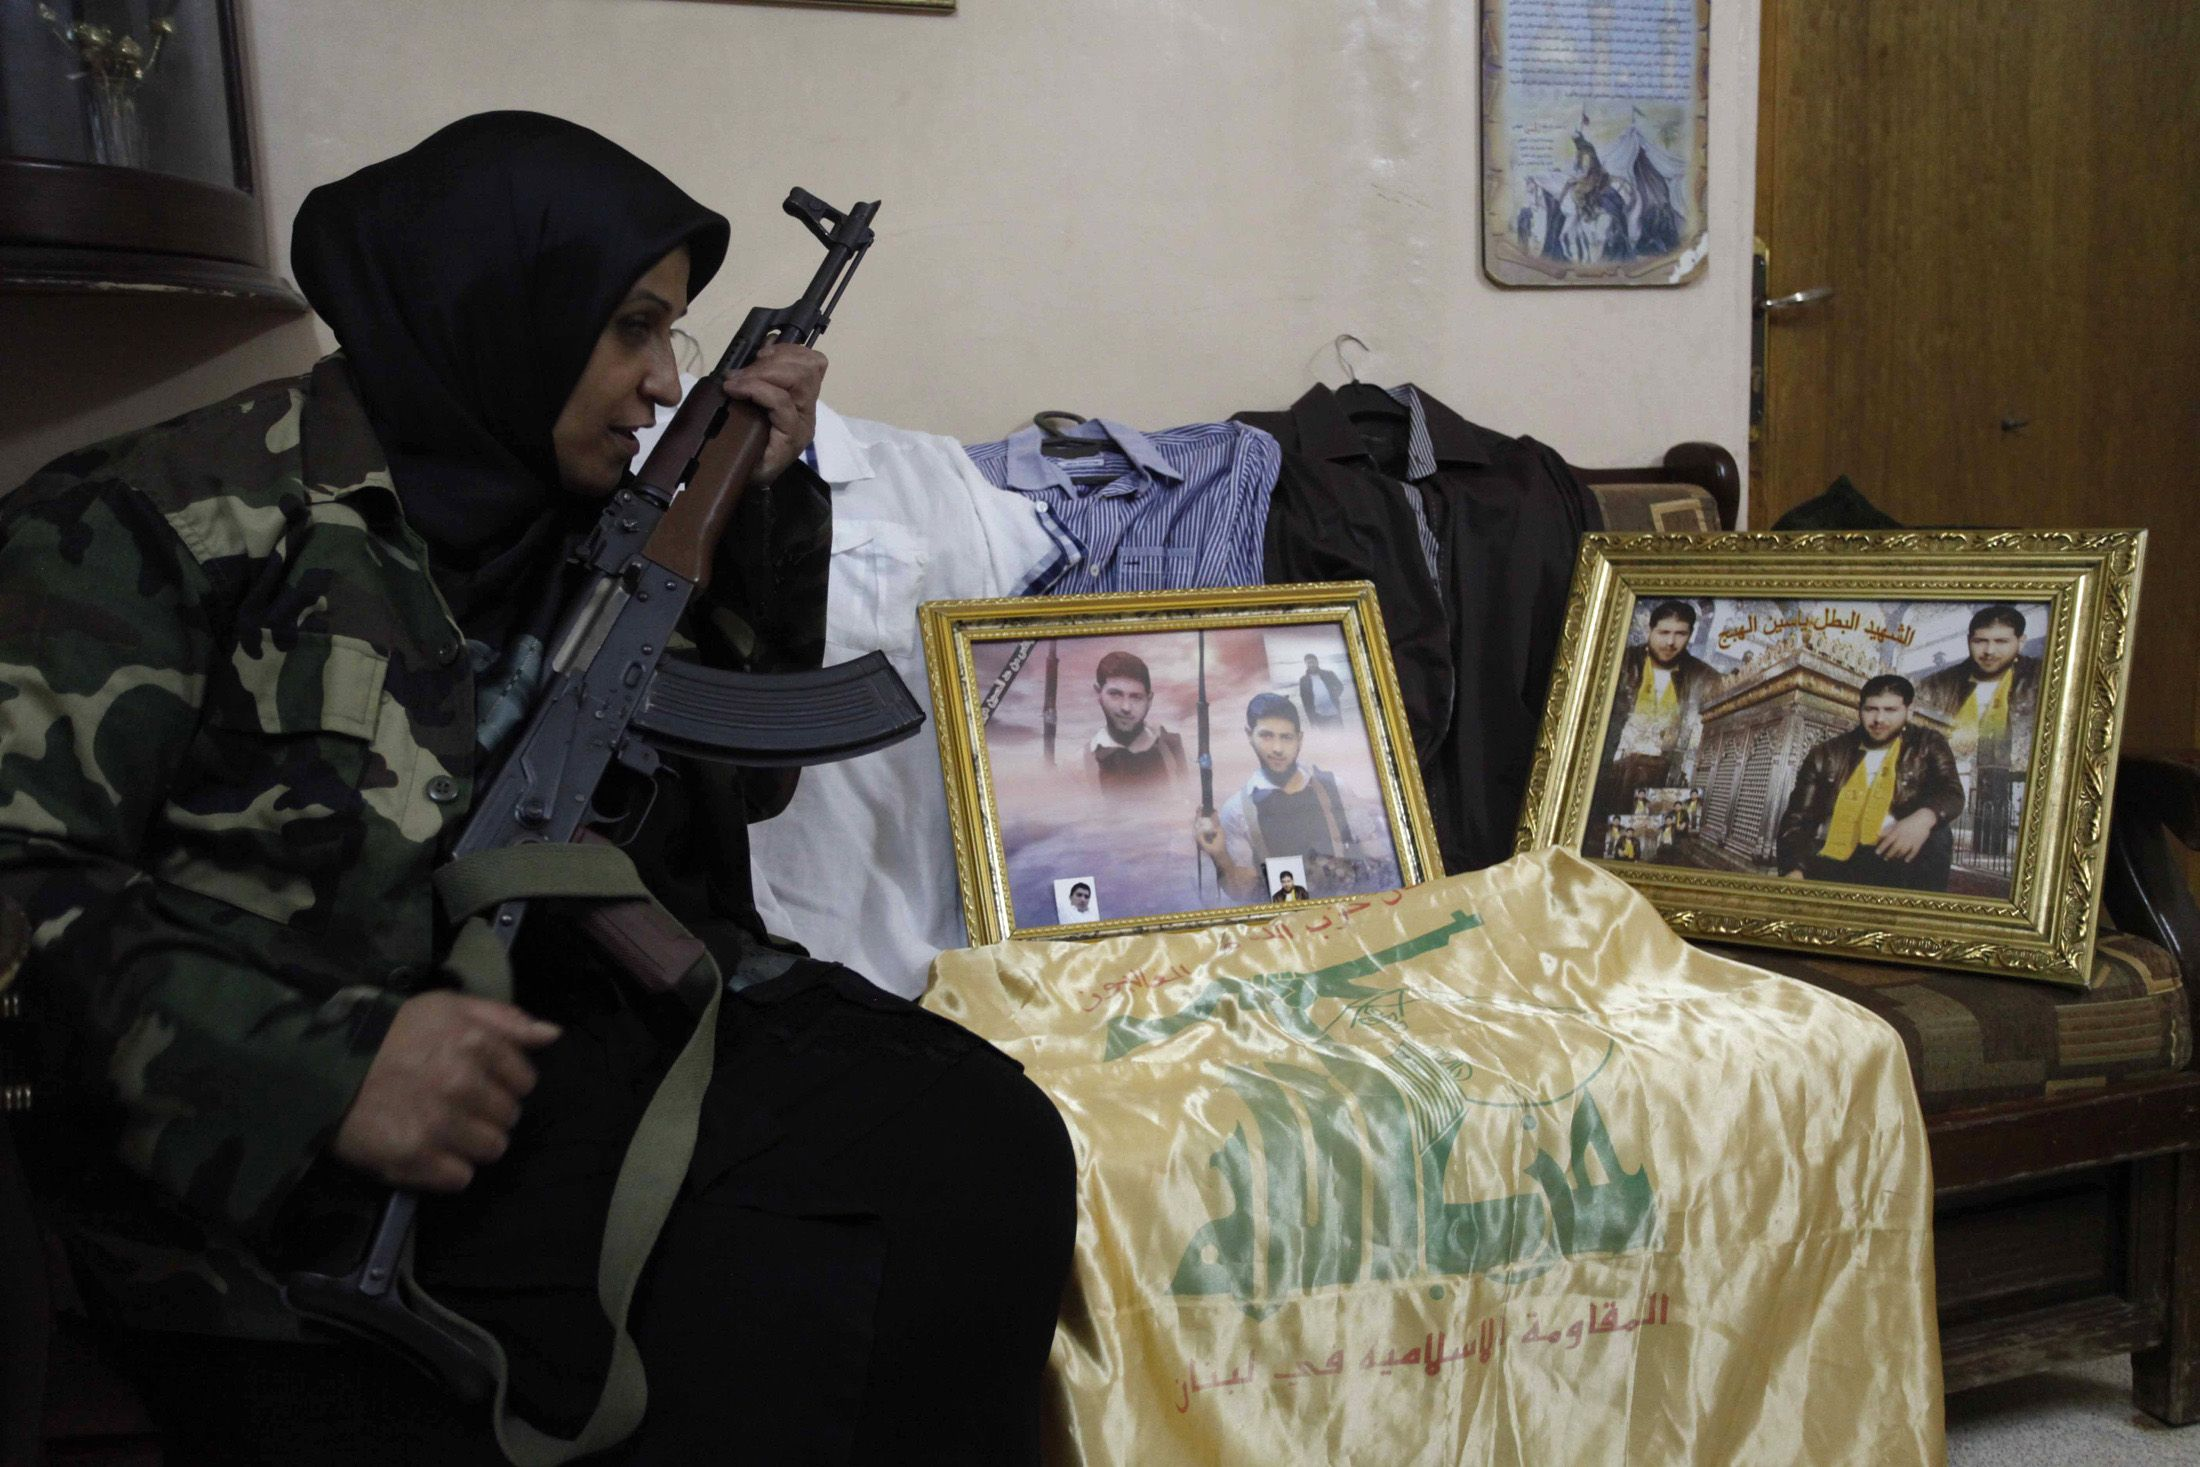 03_24_Hezbollah_Forever_01